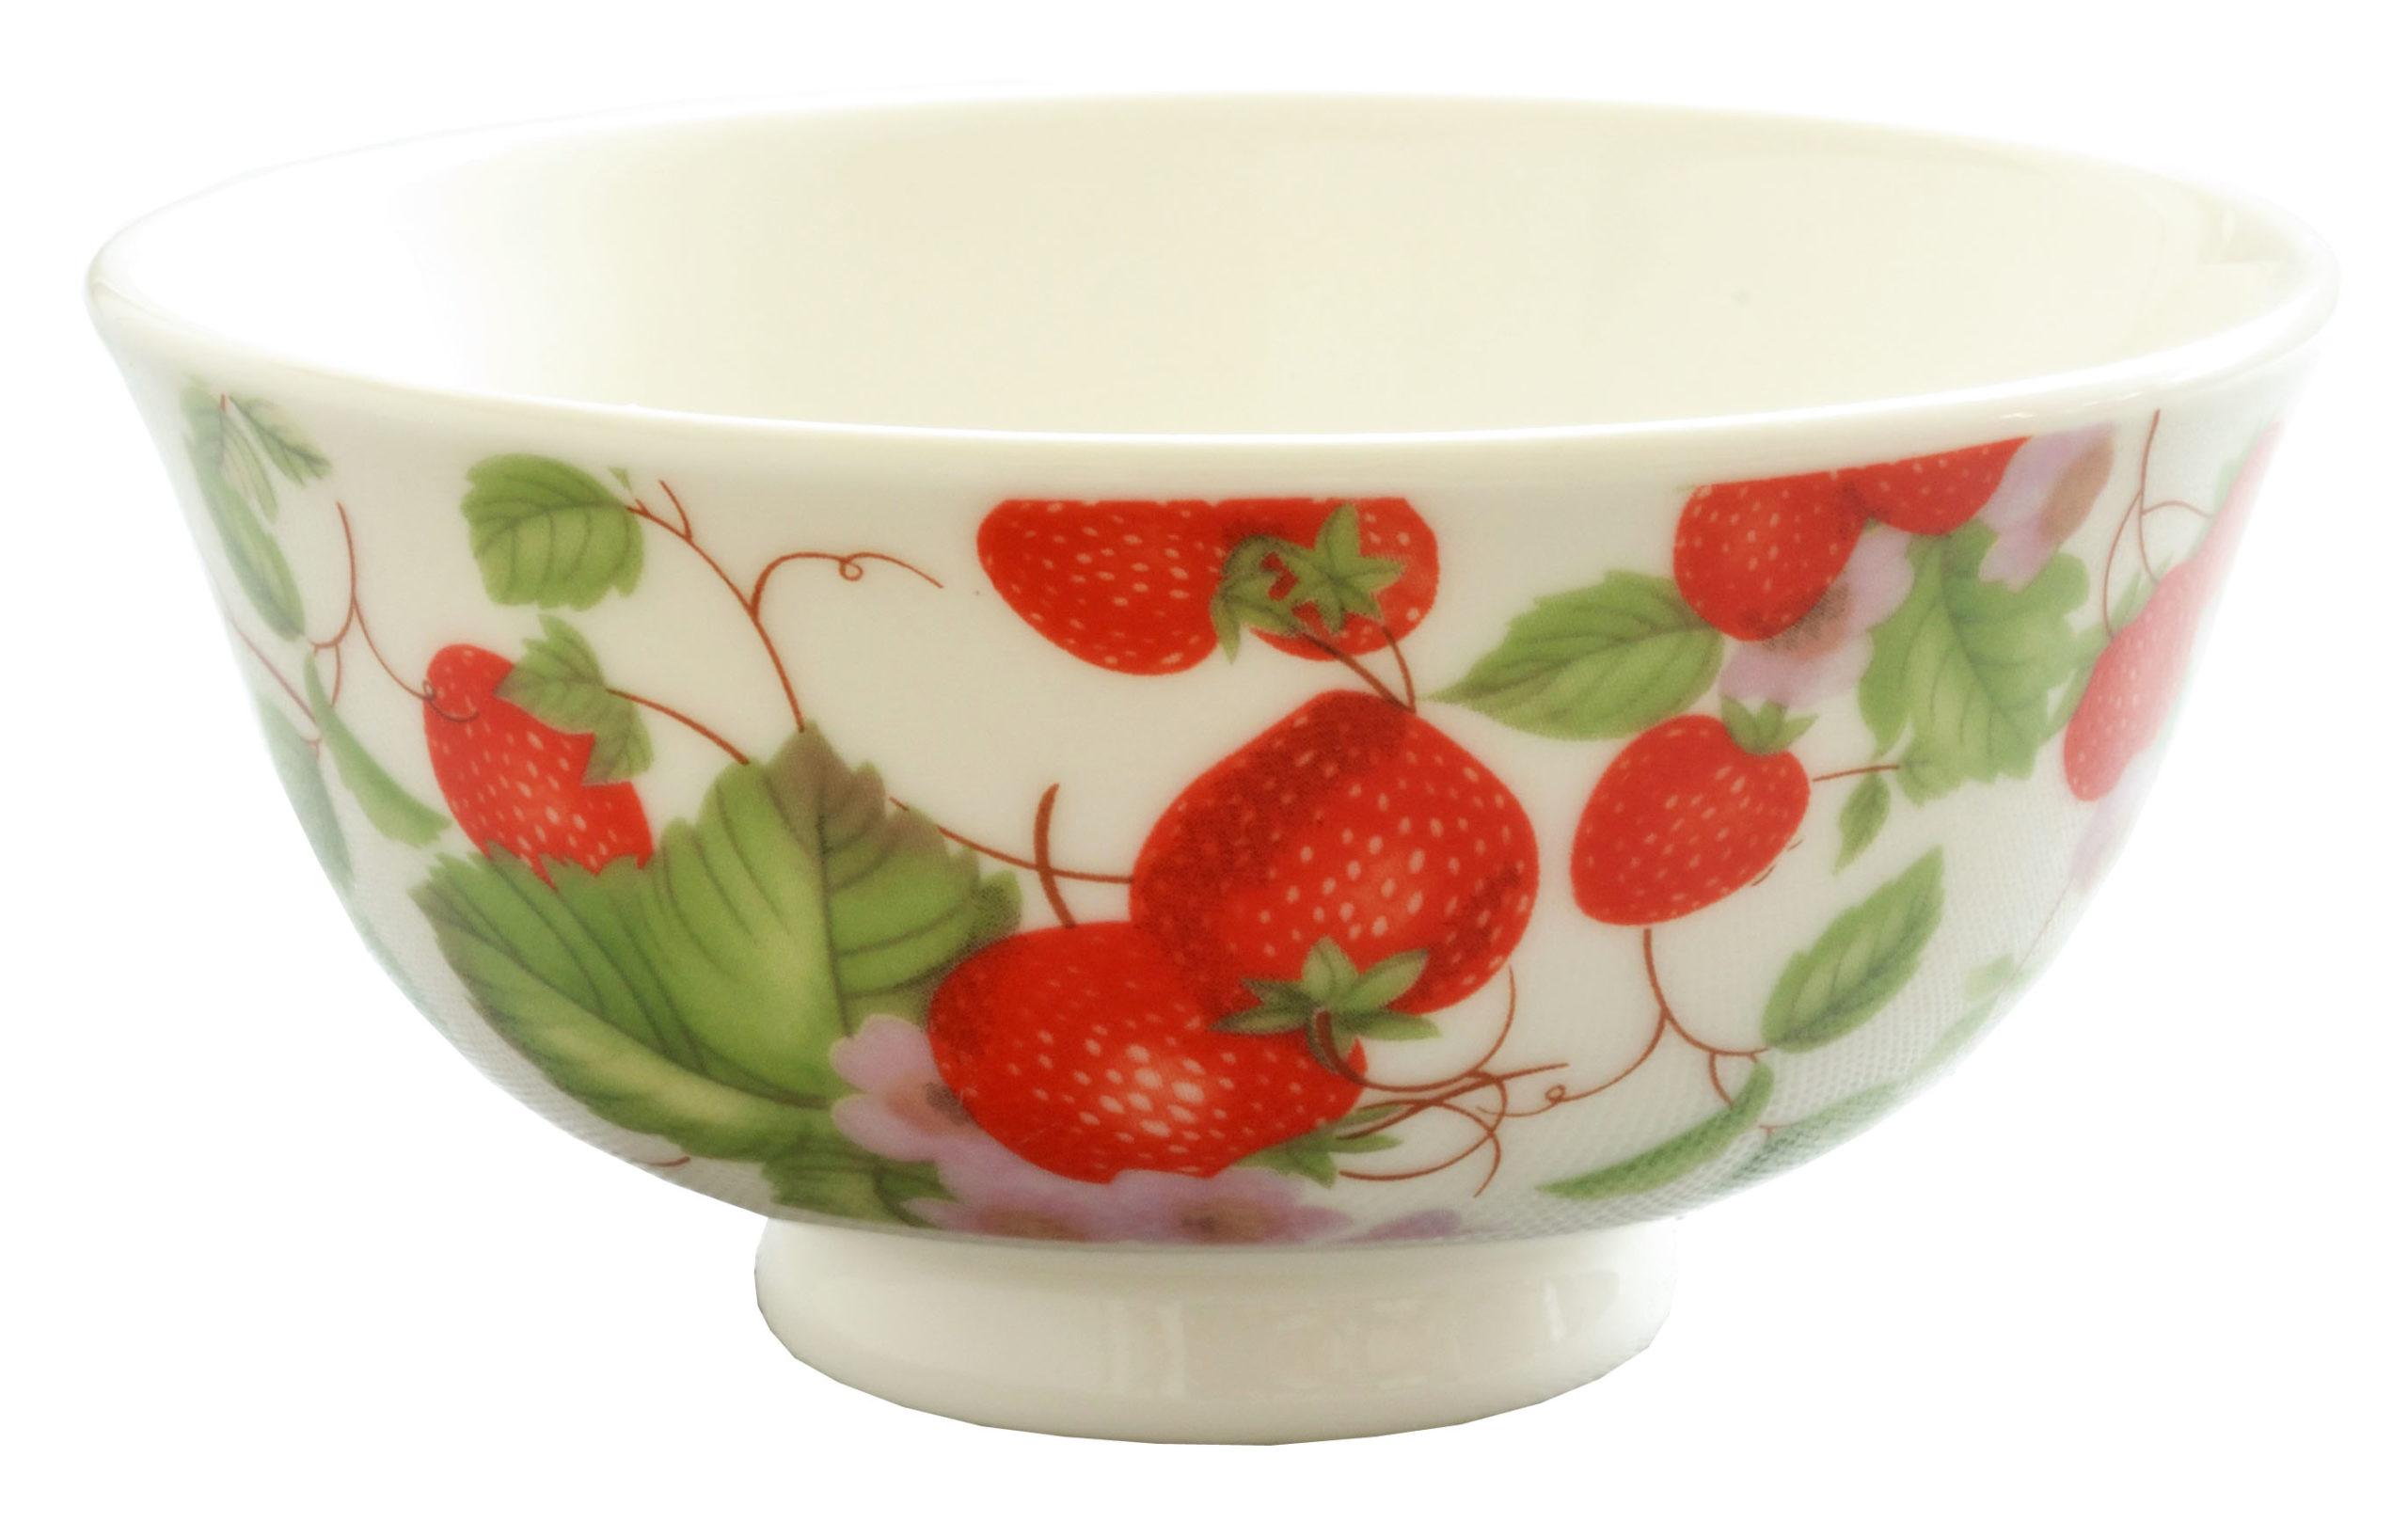 【ロイヤルアーデン】 お茶碗 ストロベリー <br>No.37512